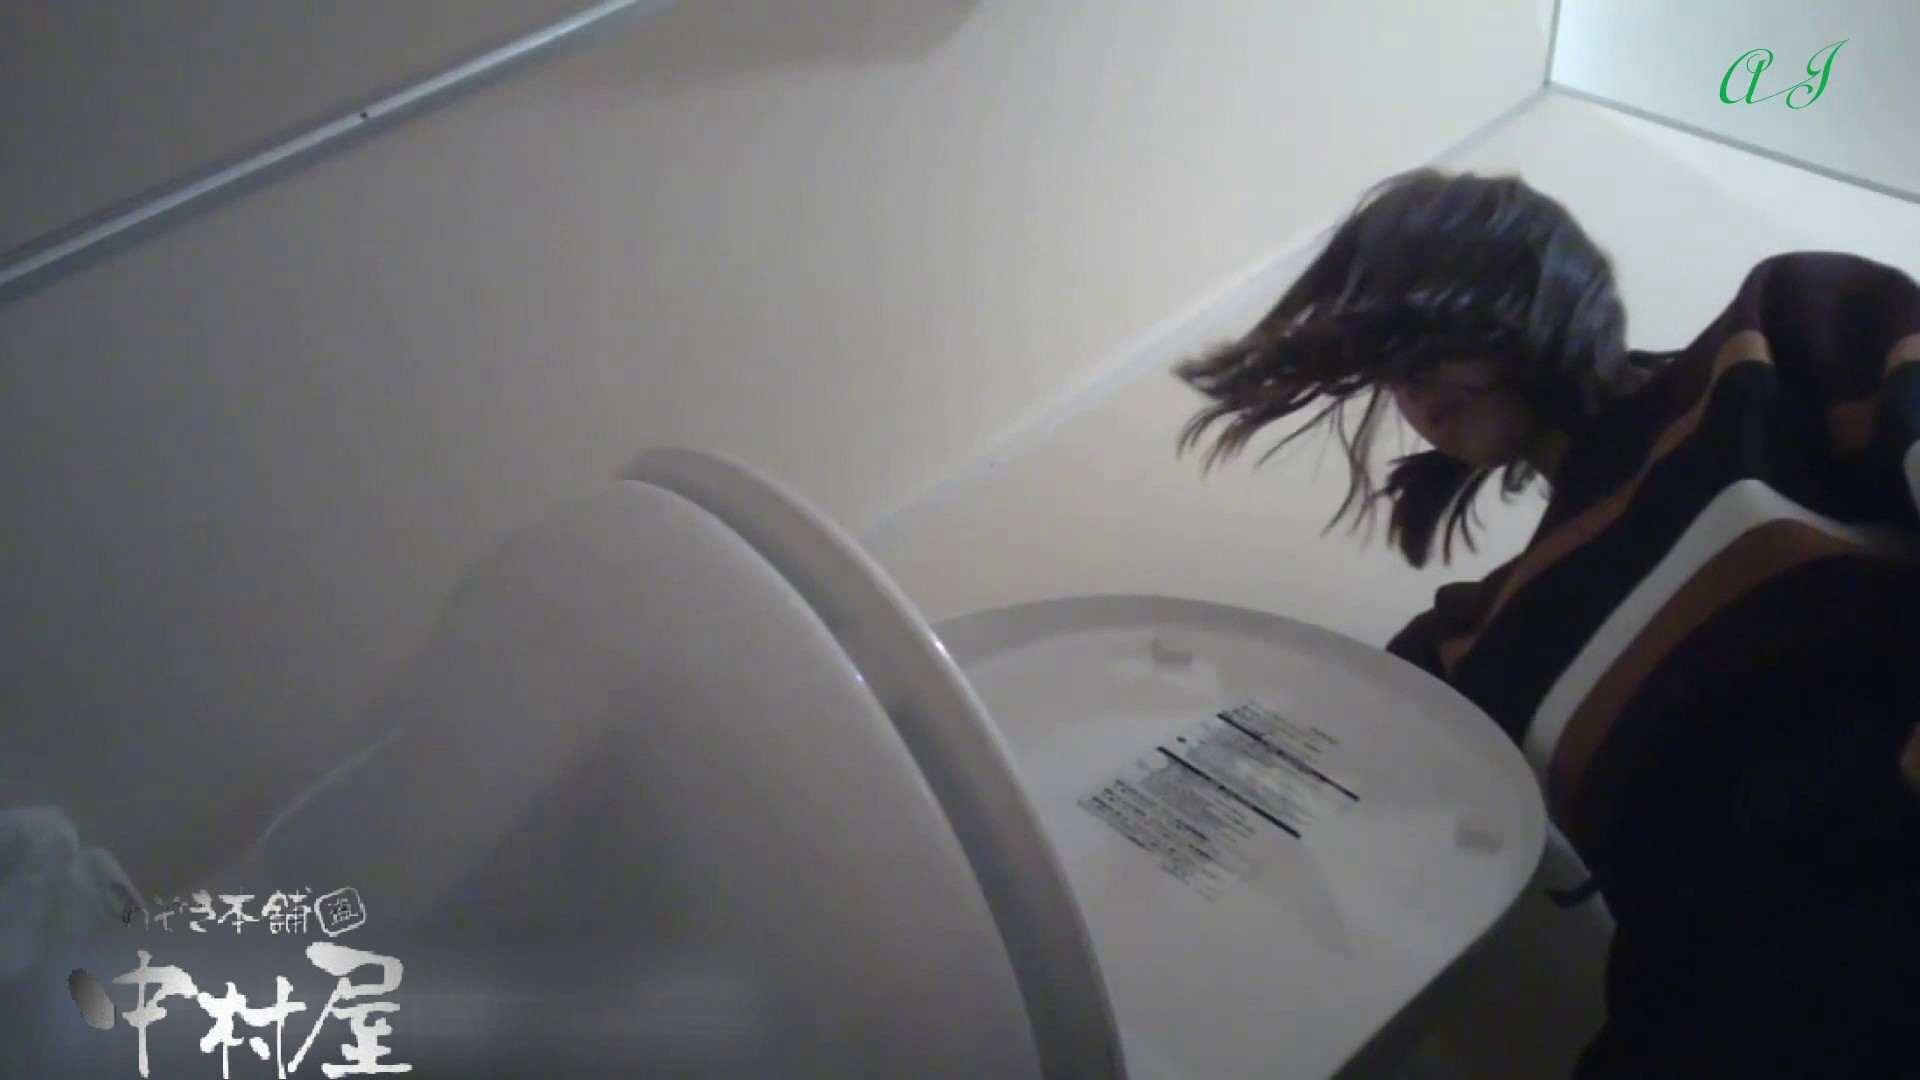 新アングル 4名の美女達 有名大学女性洗面所 vol.76 洗面所編 オマンコ無修正動画無料 98PIX 90